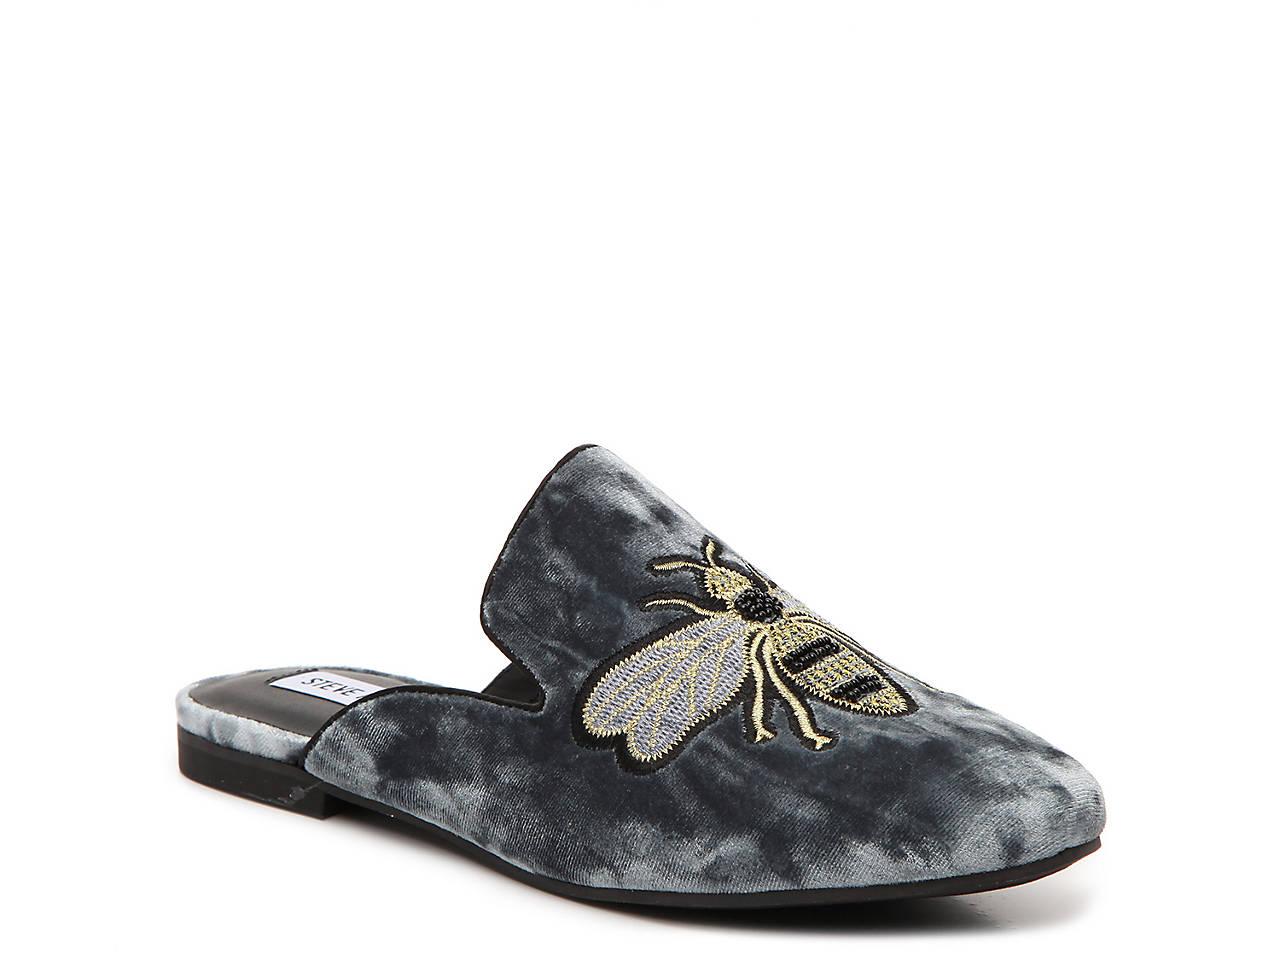 36825c51060 Steve Madden Hugh Velvet Mule Women s Shoes